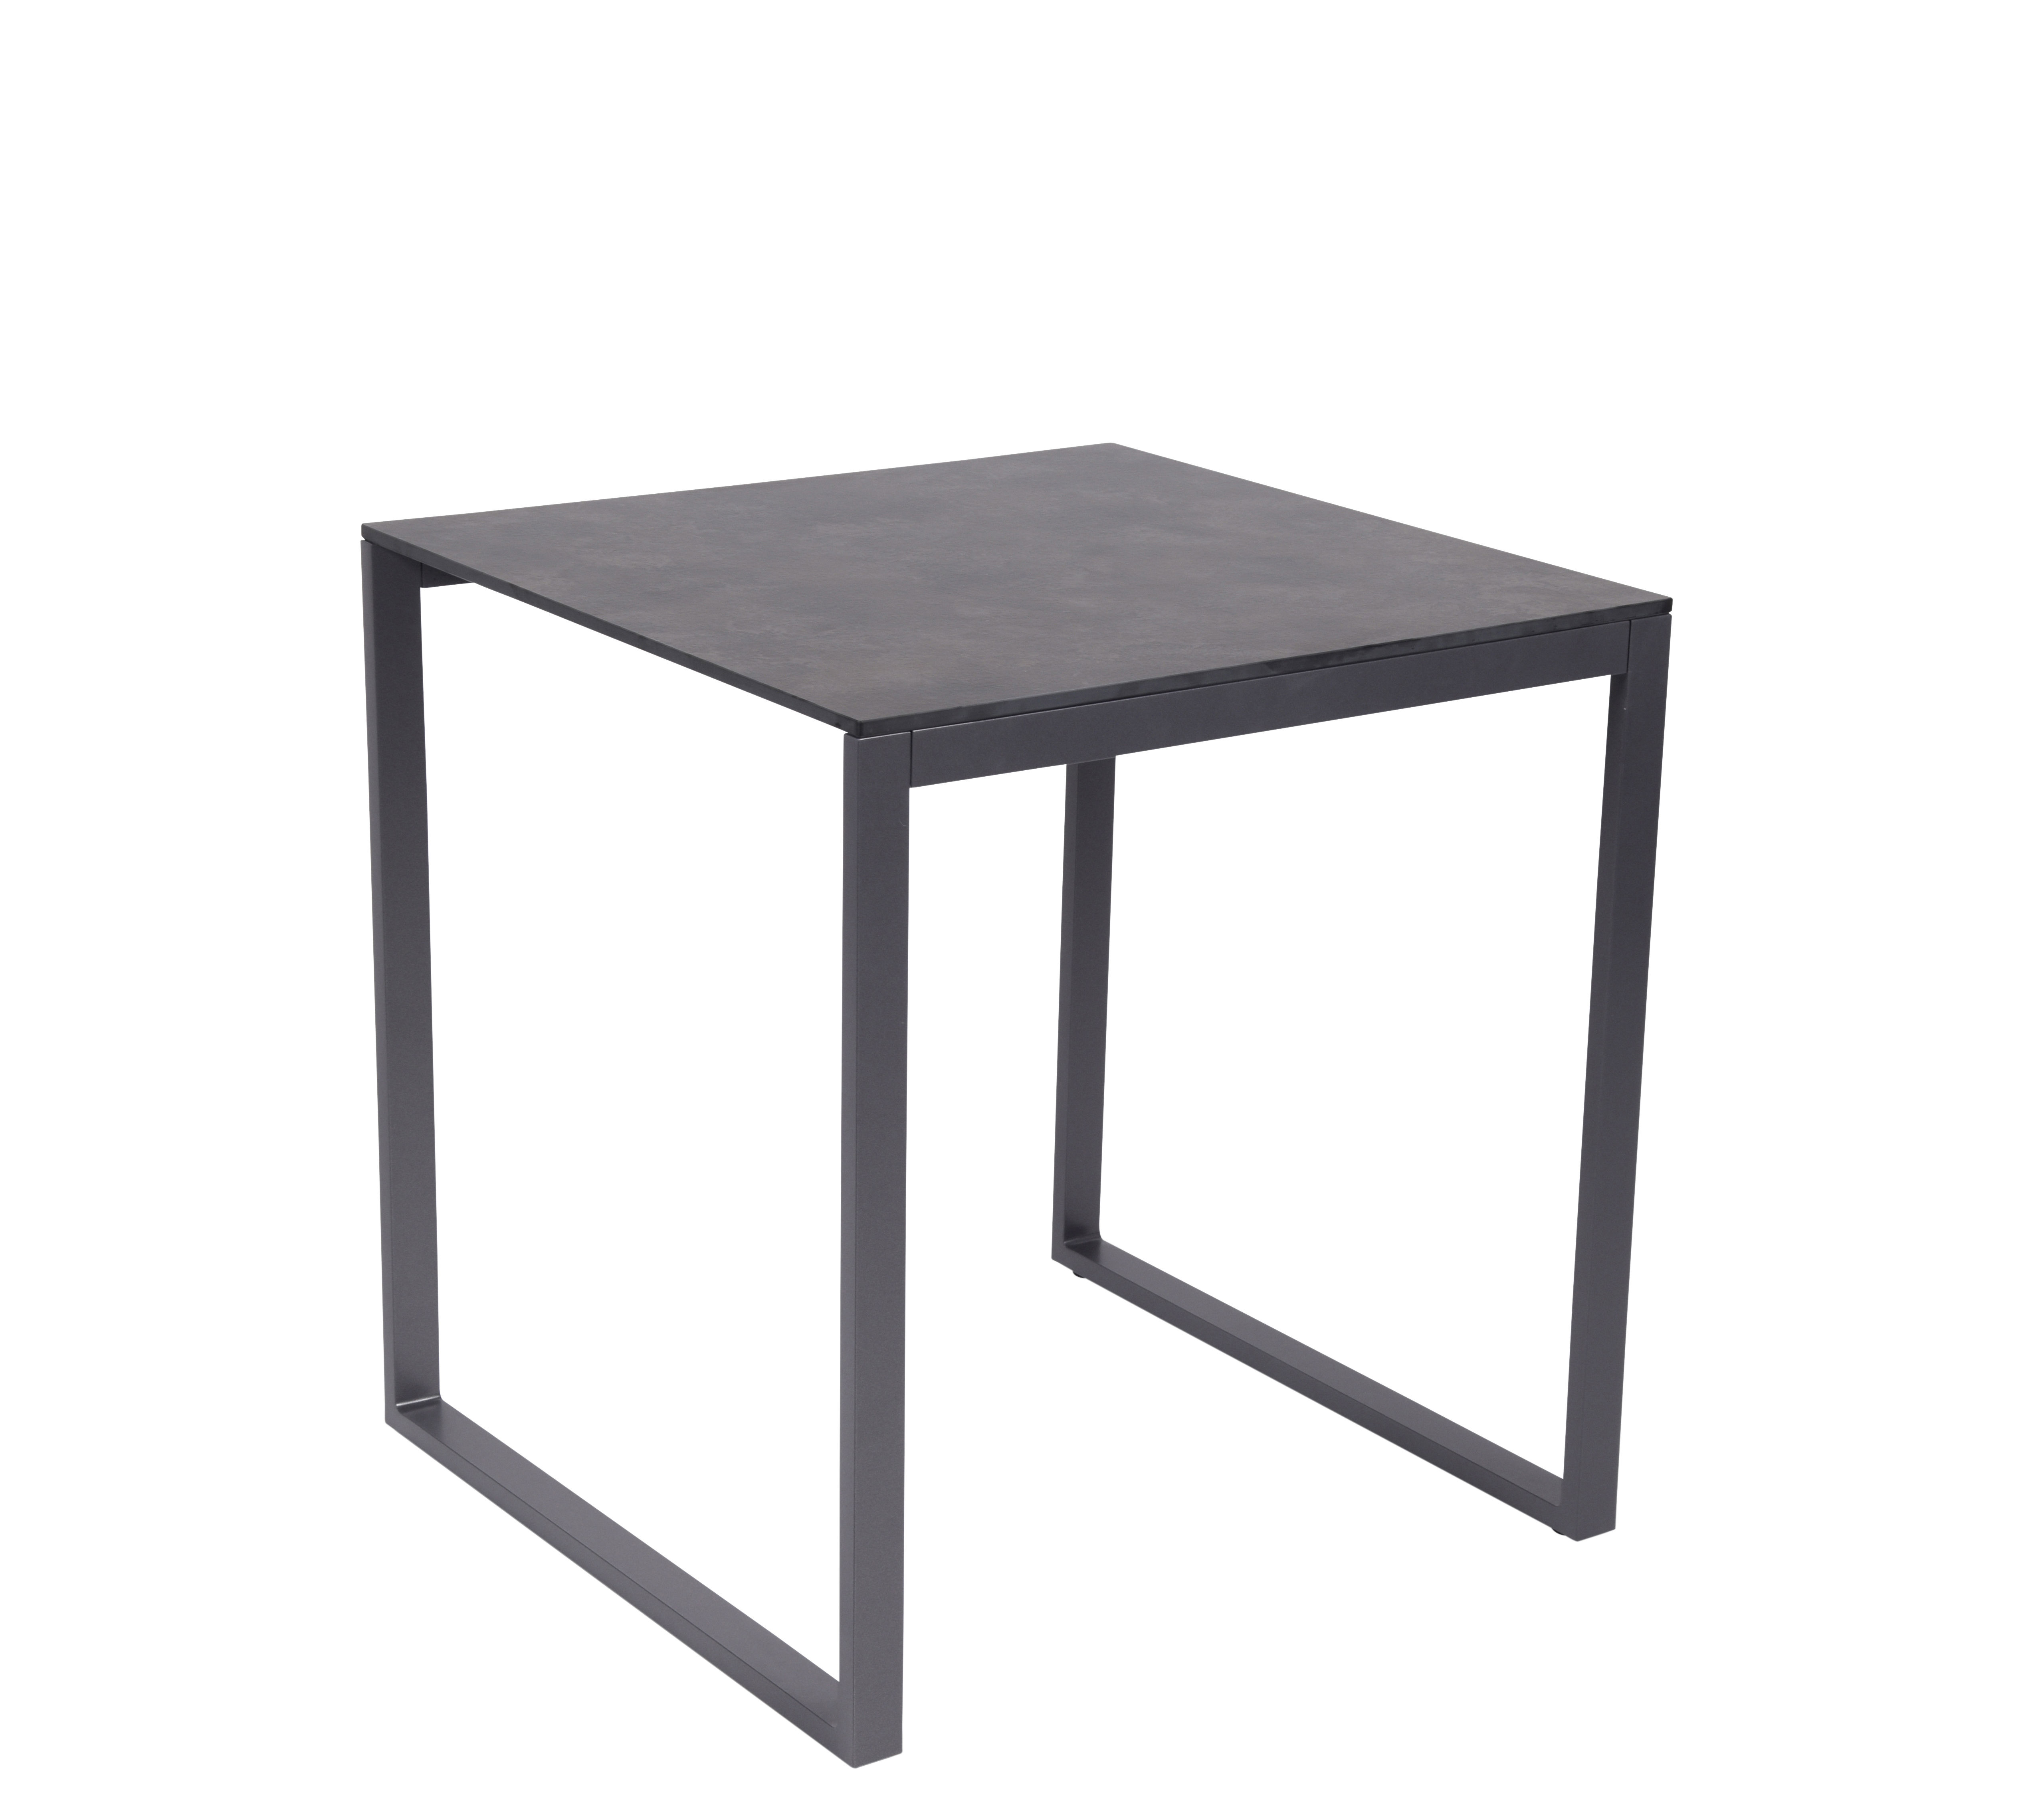 Outdoor - Tables de jardin - Table carrée Perspective / 70 x 70 cm - Effet béton - Vlaemynck - Béton gris / Blanc - Aluminium laqué, HPL effet béton